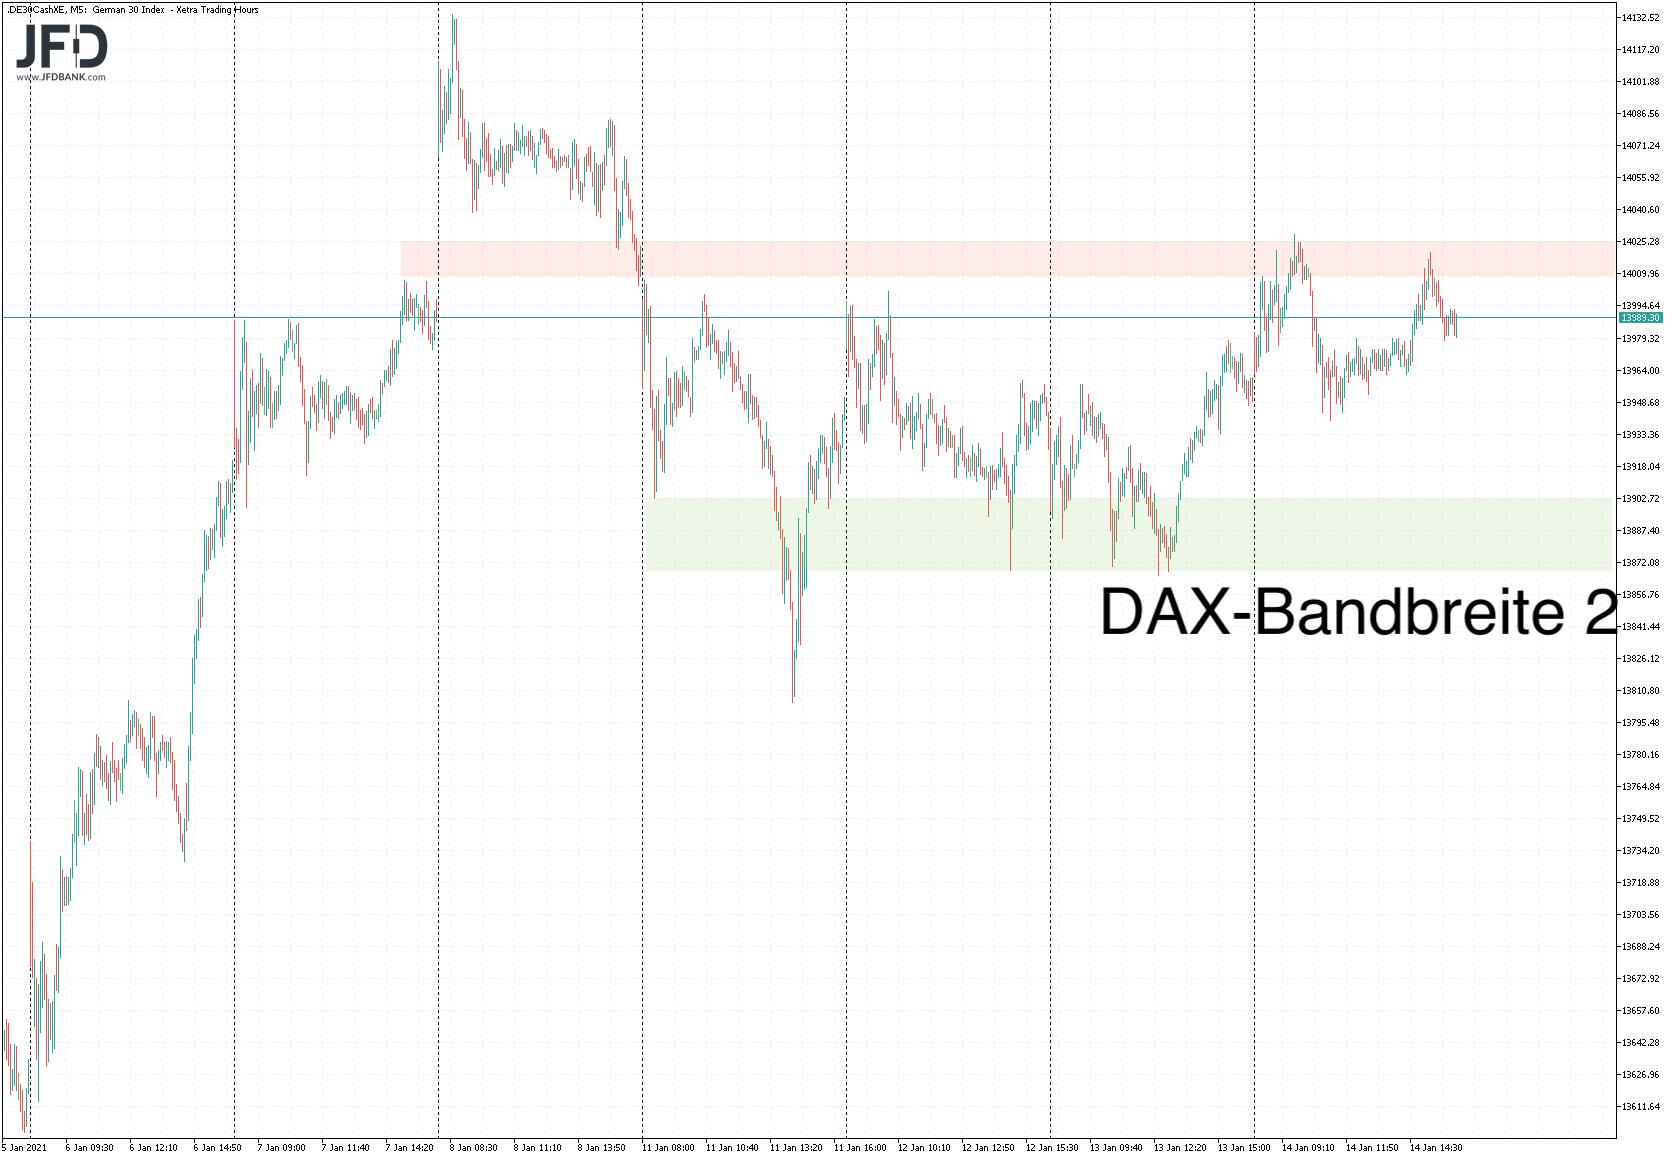 Erweiterung des DAX-Bildes auf Bandbreite 2